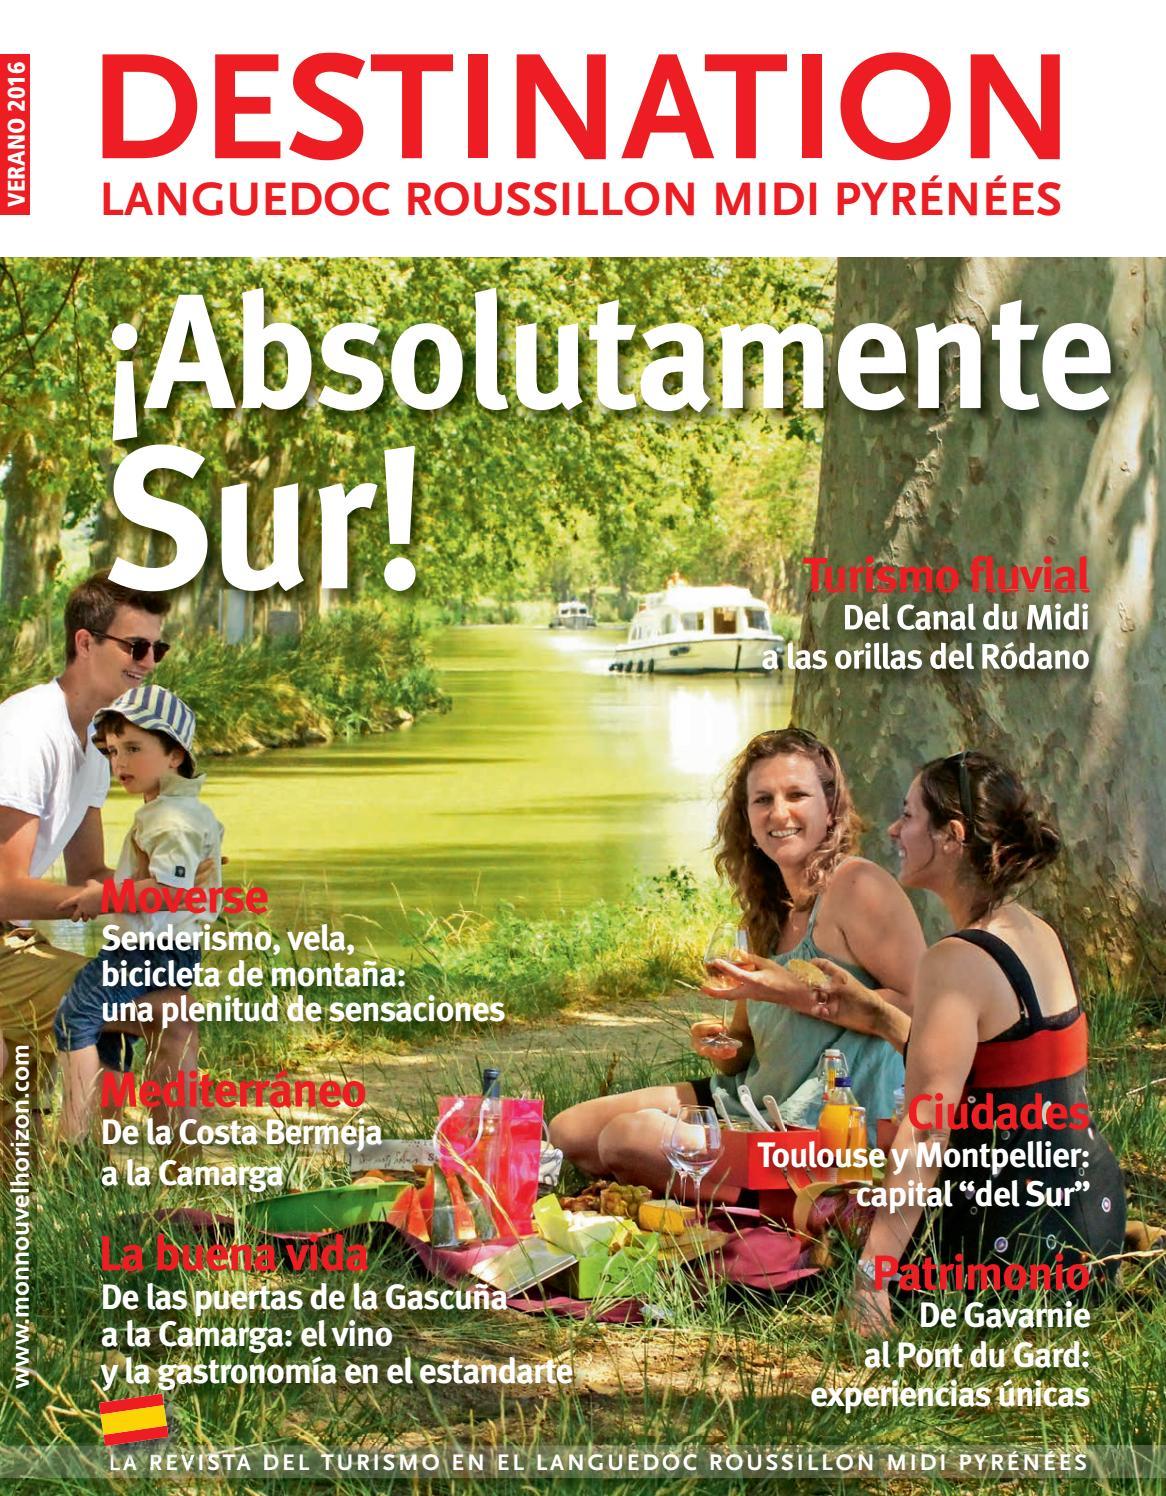 Destination Languedoc Roussillon Midi Pyrénées - Verano 2016 by Sud ...